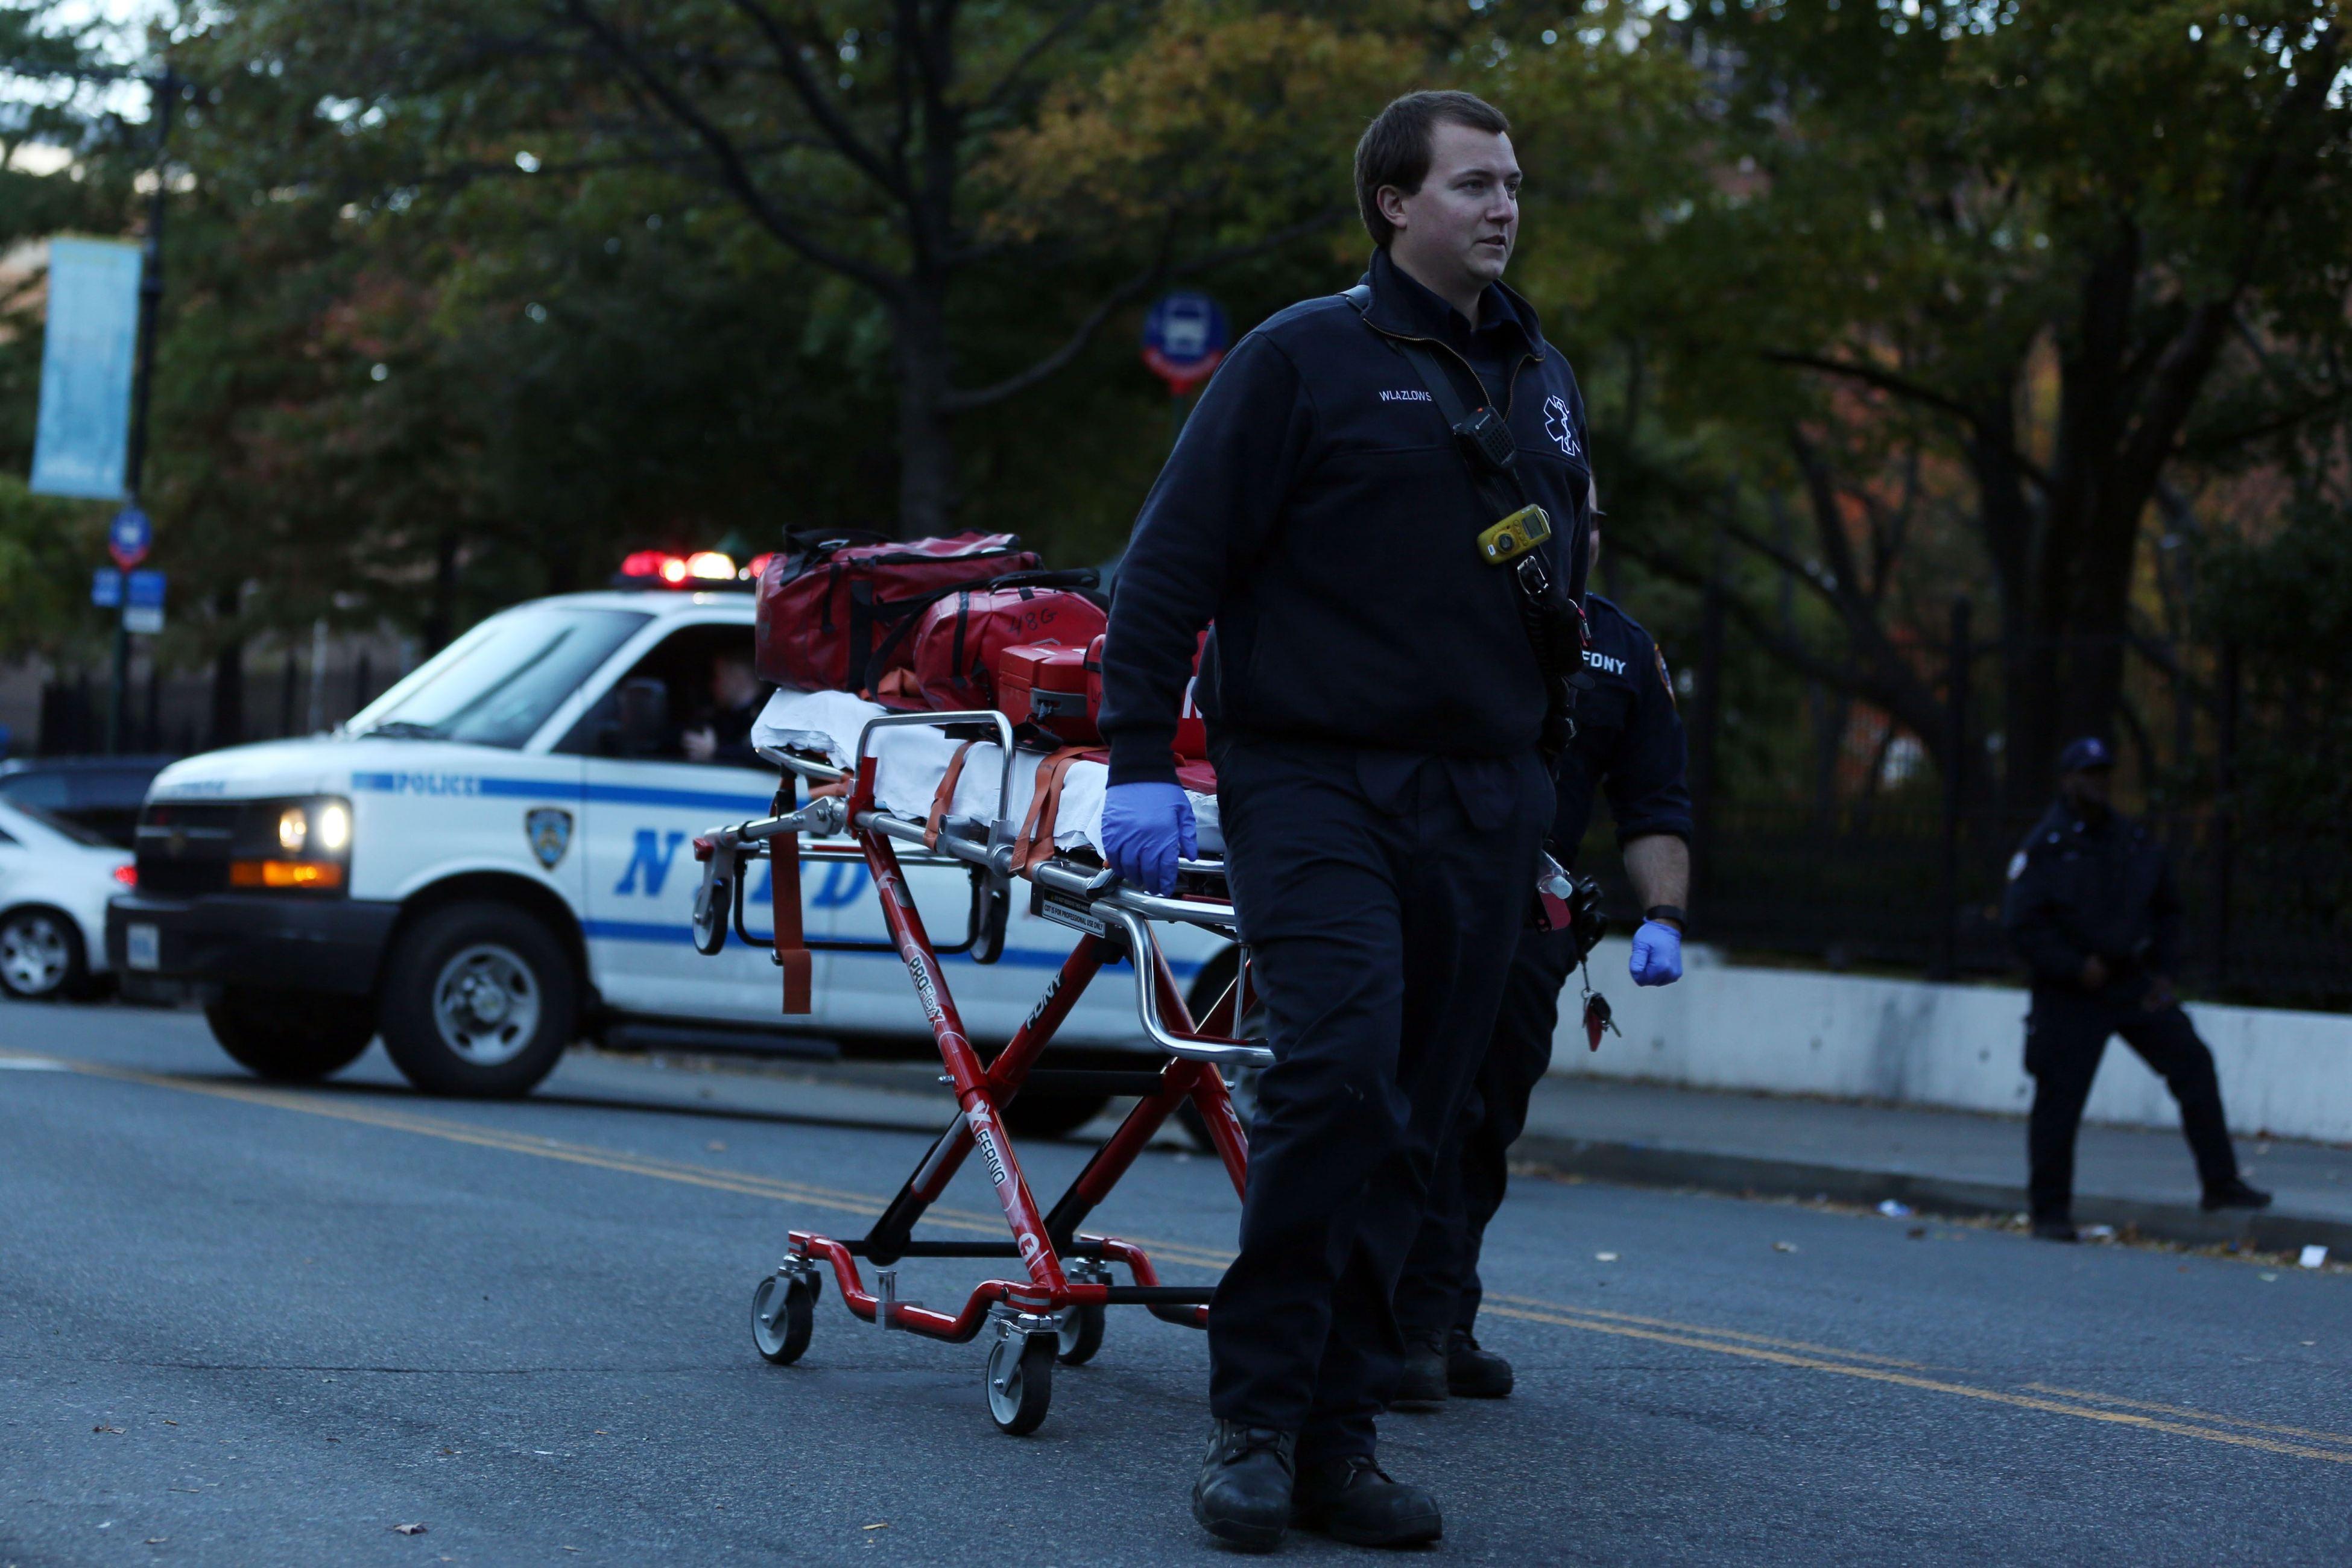 Israelul condamnă atentatul de la New York şi exprimă solidaritate cu Statele Unite